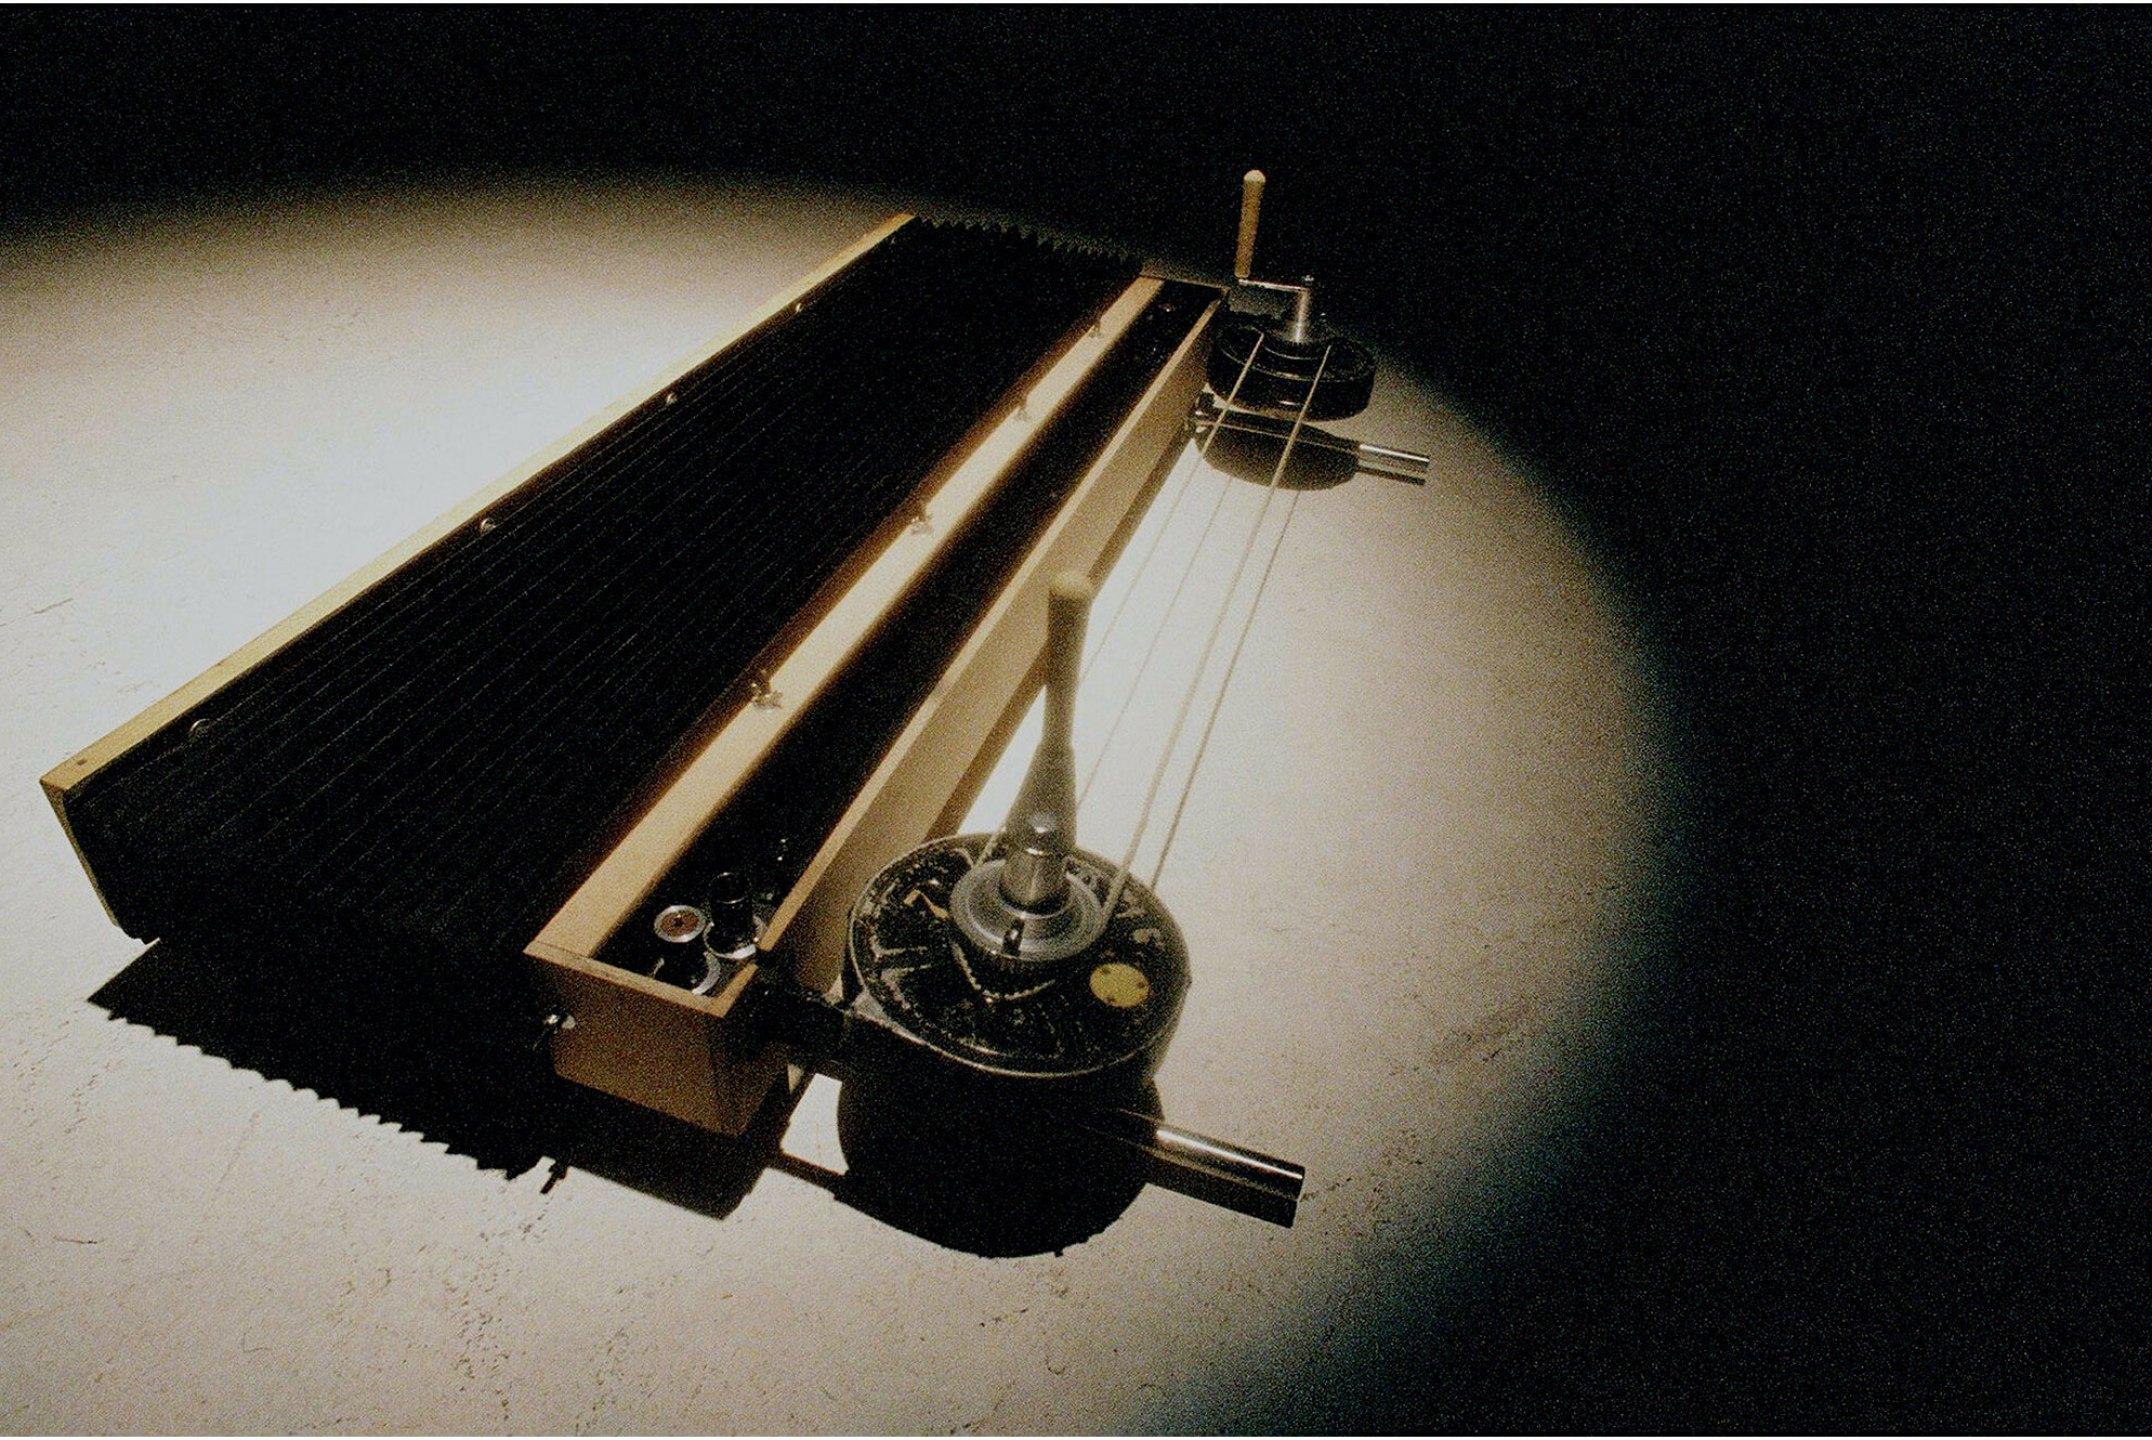 Leticia Ramos,<em>ERBF-Câmera Instantâneo Sequencial,</em> 2007, wood, metal and fabric, 130 × 150 × 30 cm - Mendes Wood DM